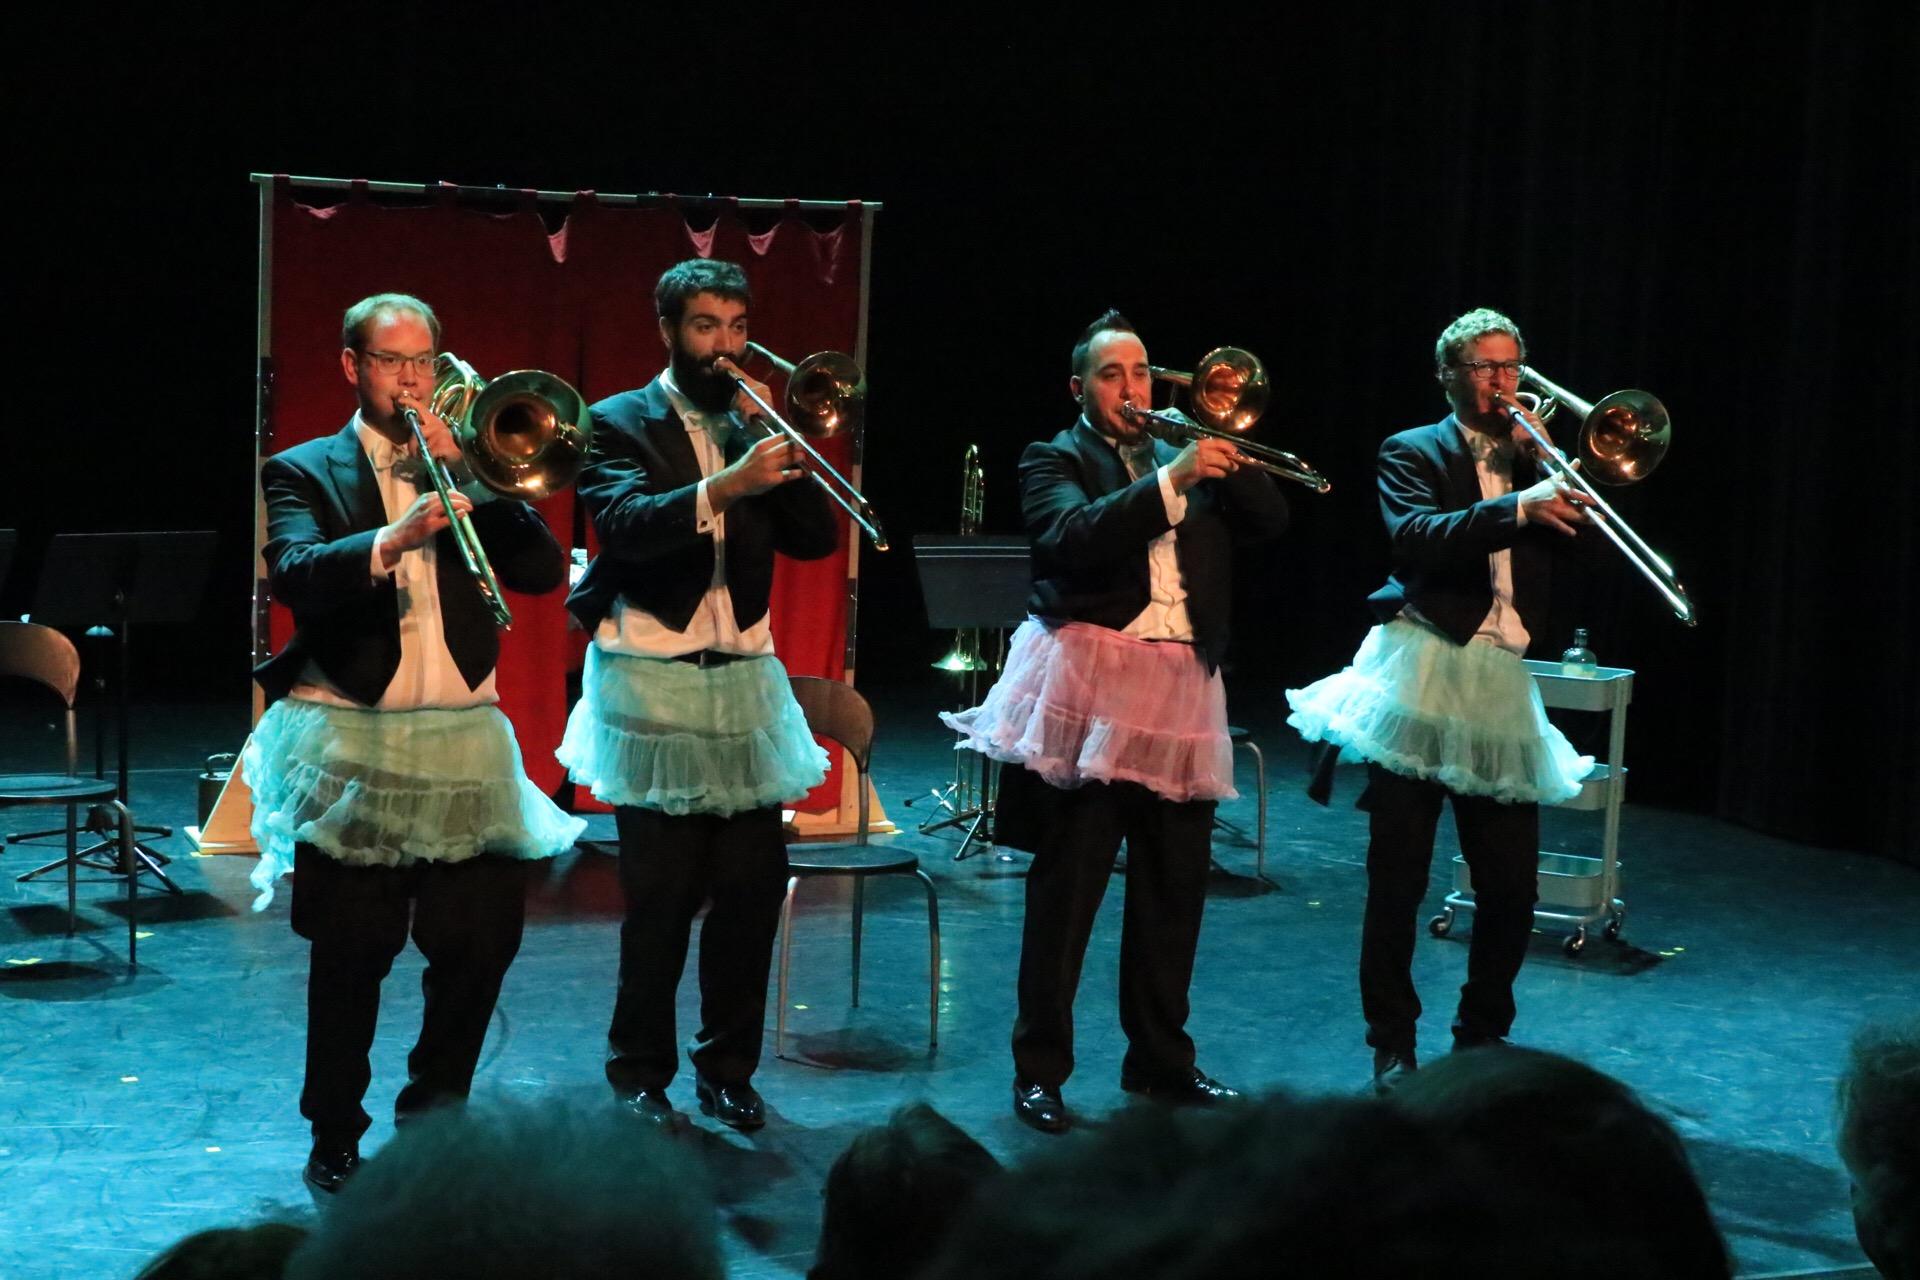 Moya Trombones Show